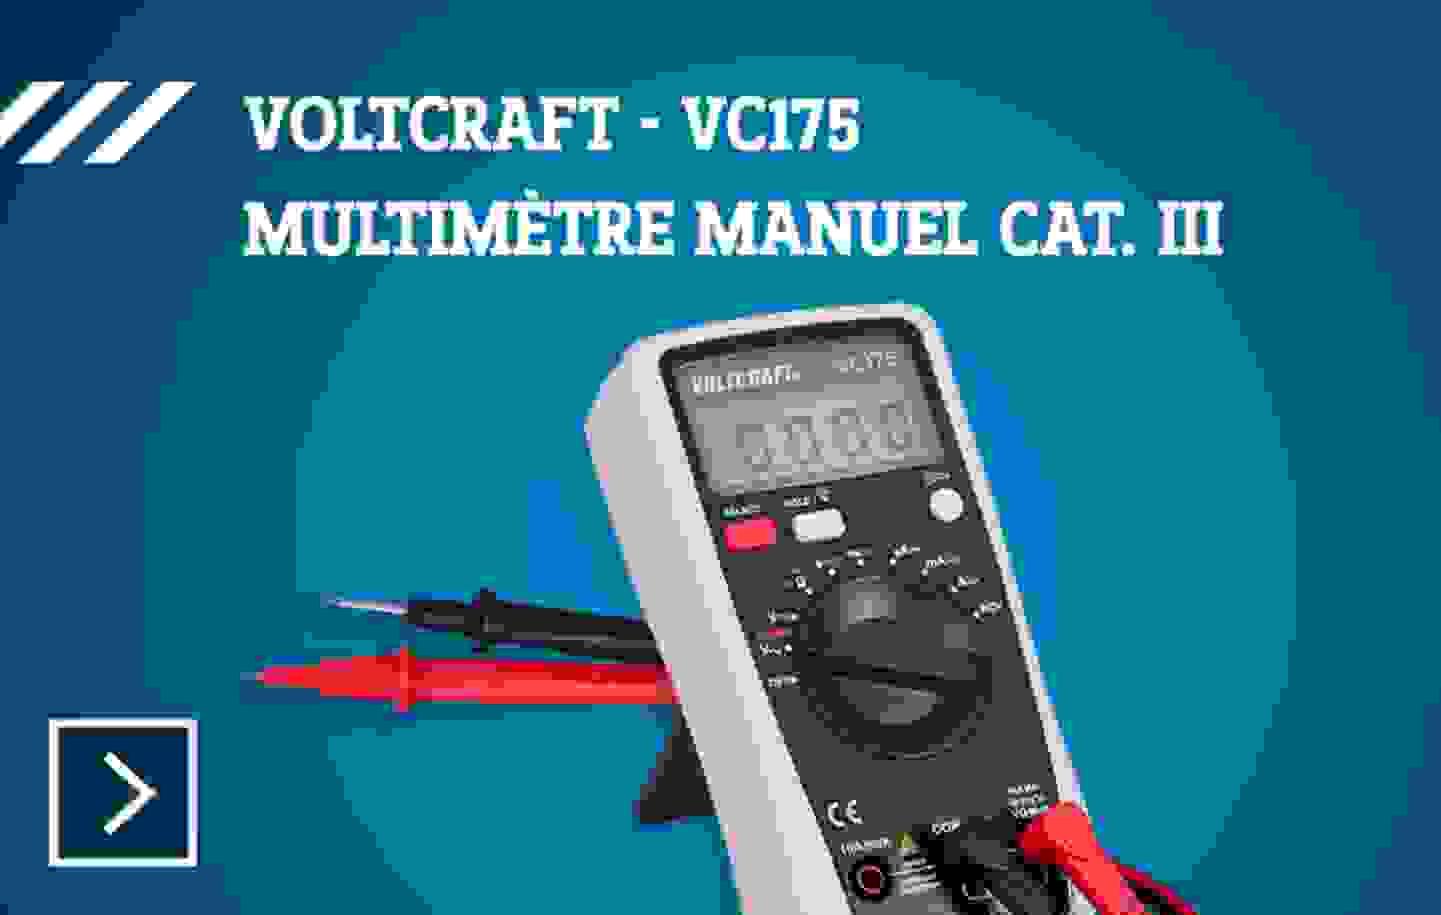 Voltcraft - VC175 »